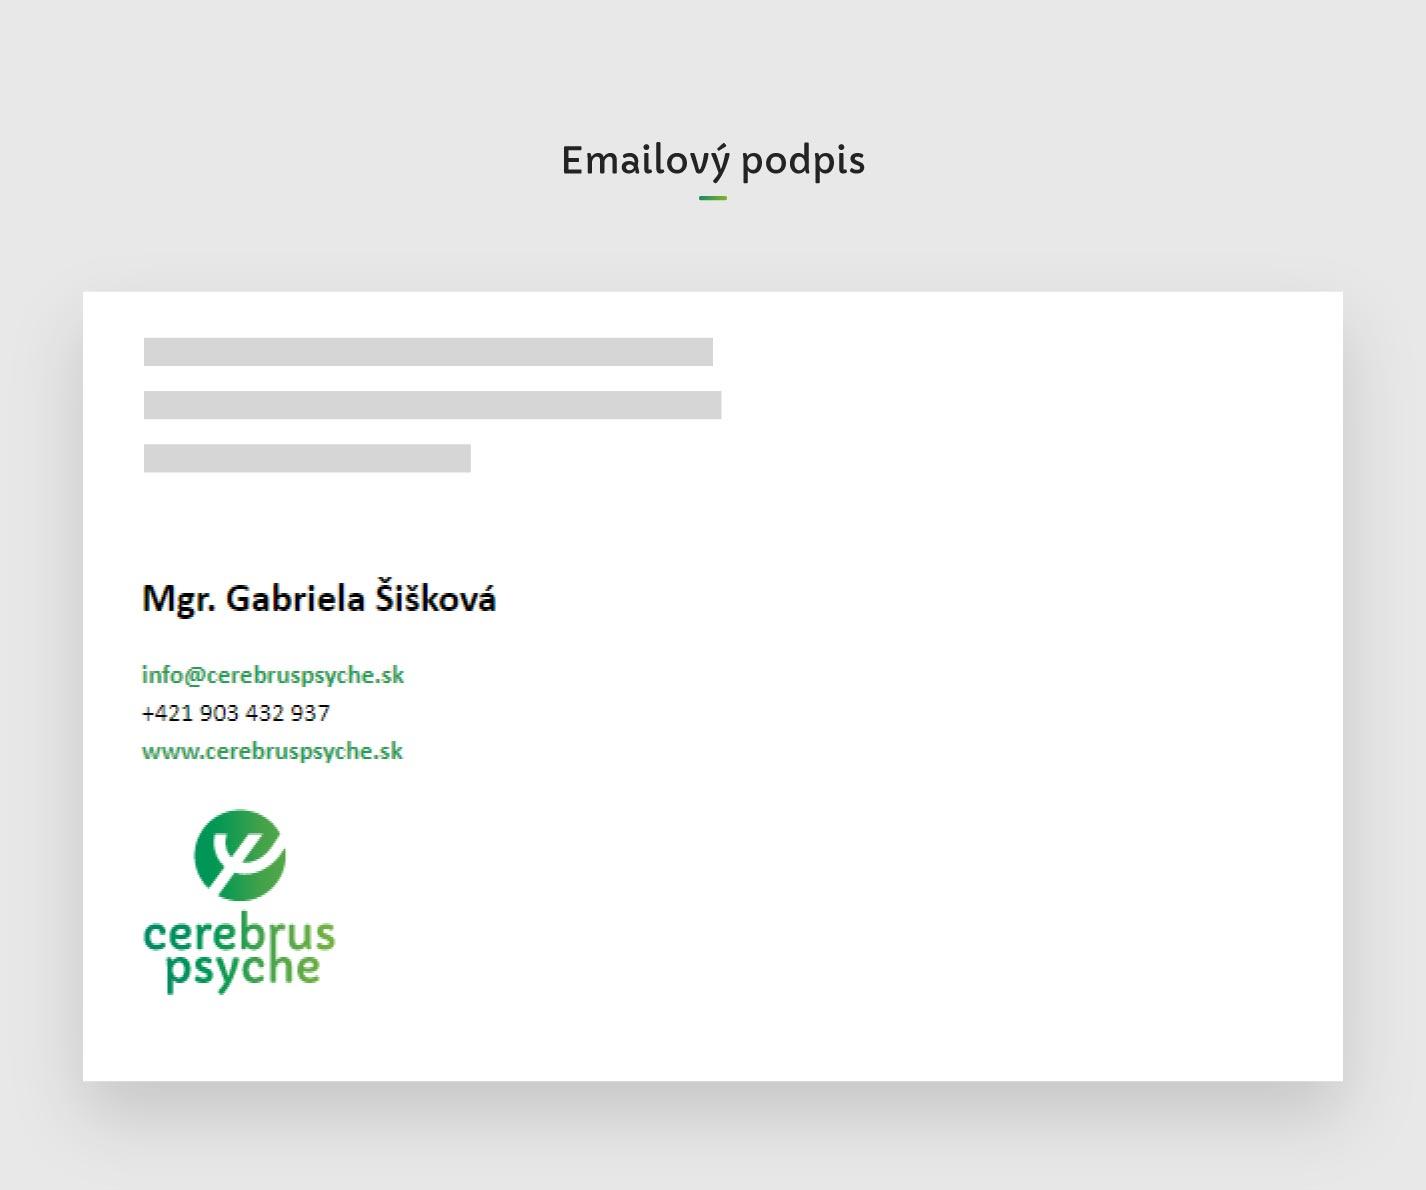 Emailovy podpis cerebrus psyche